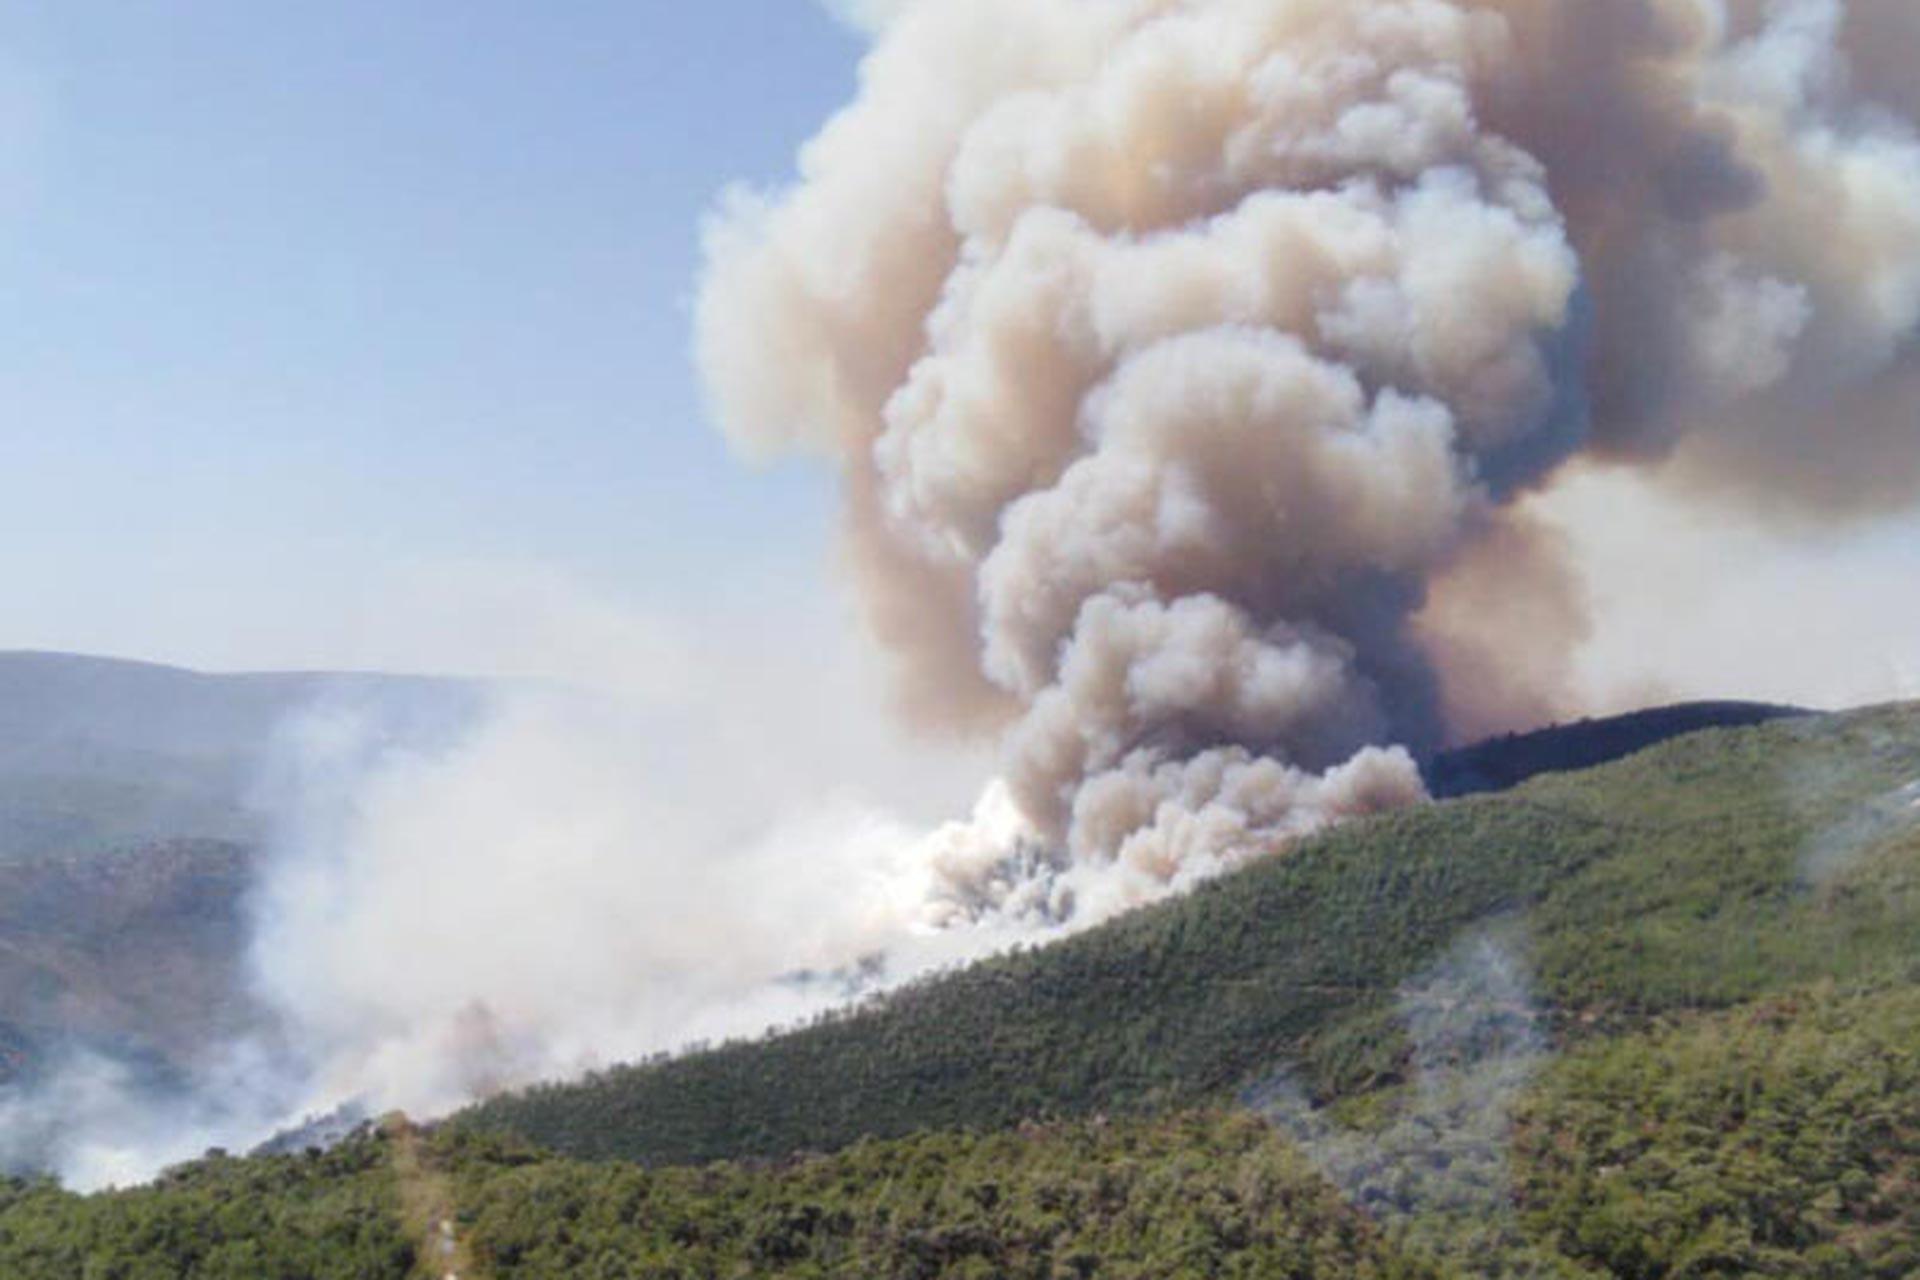 Milas'ta Akgedik Barajı'nın çevresindeki çamlıkta yangın çıktı